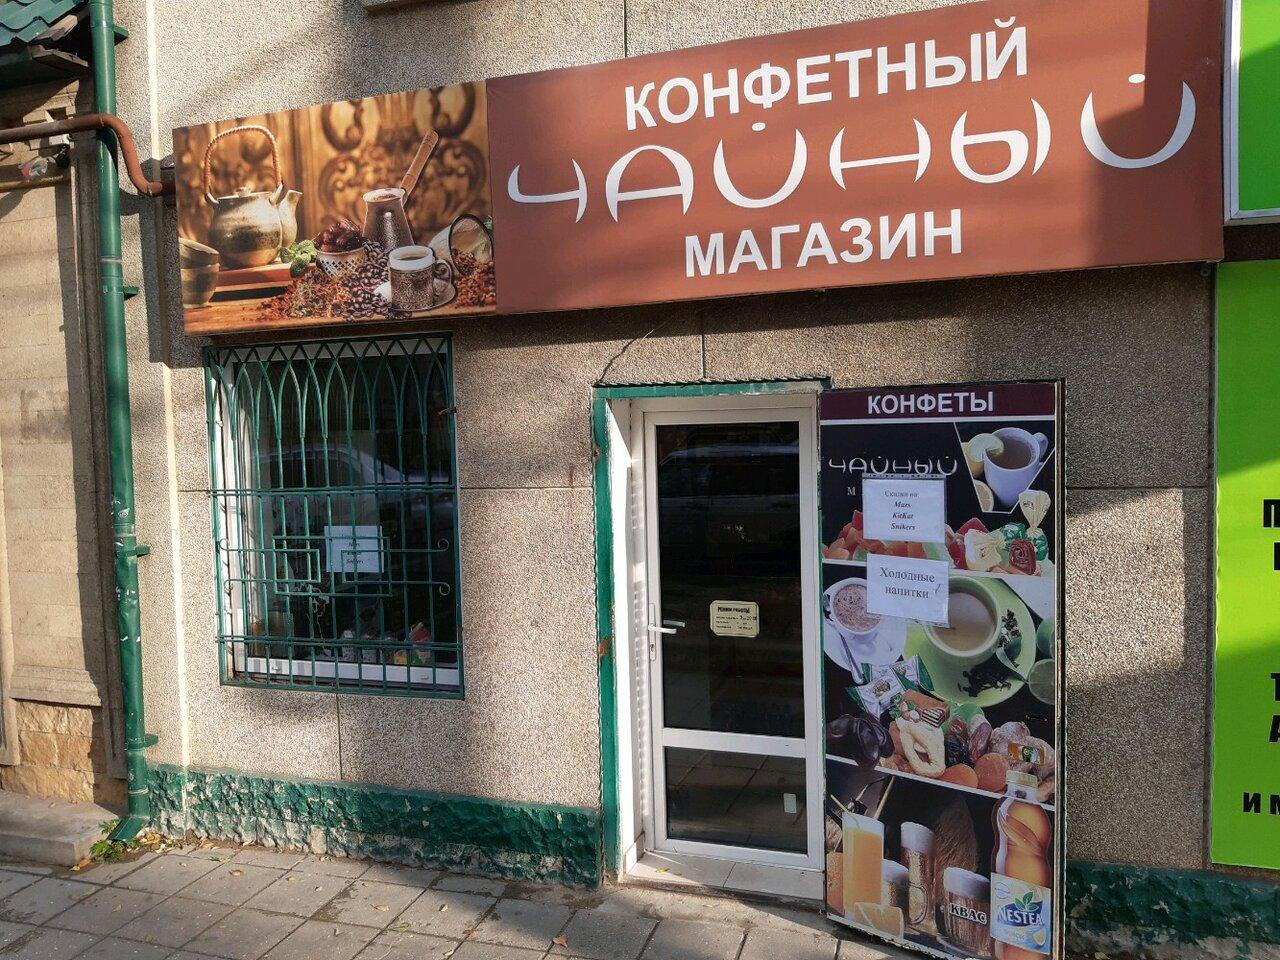 пальцев магазин эконом в махачкале фото товара рябцева числе